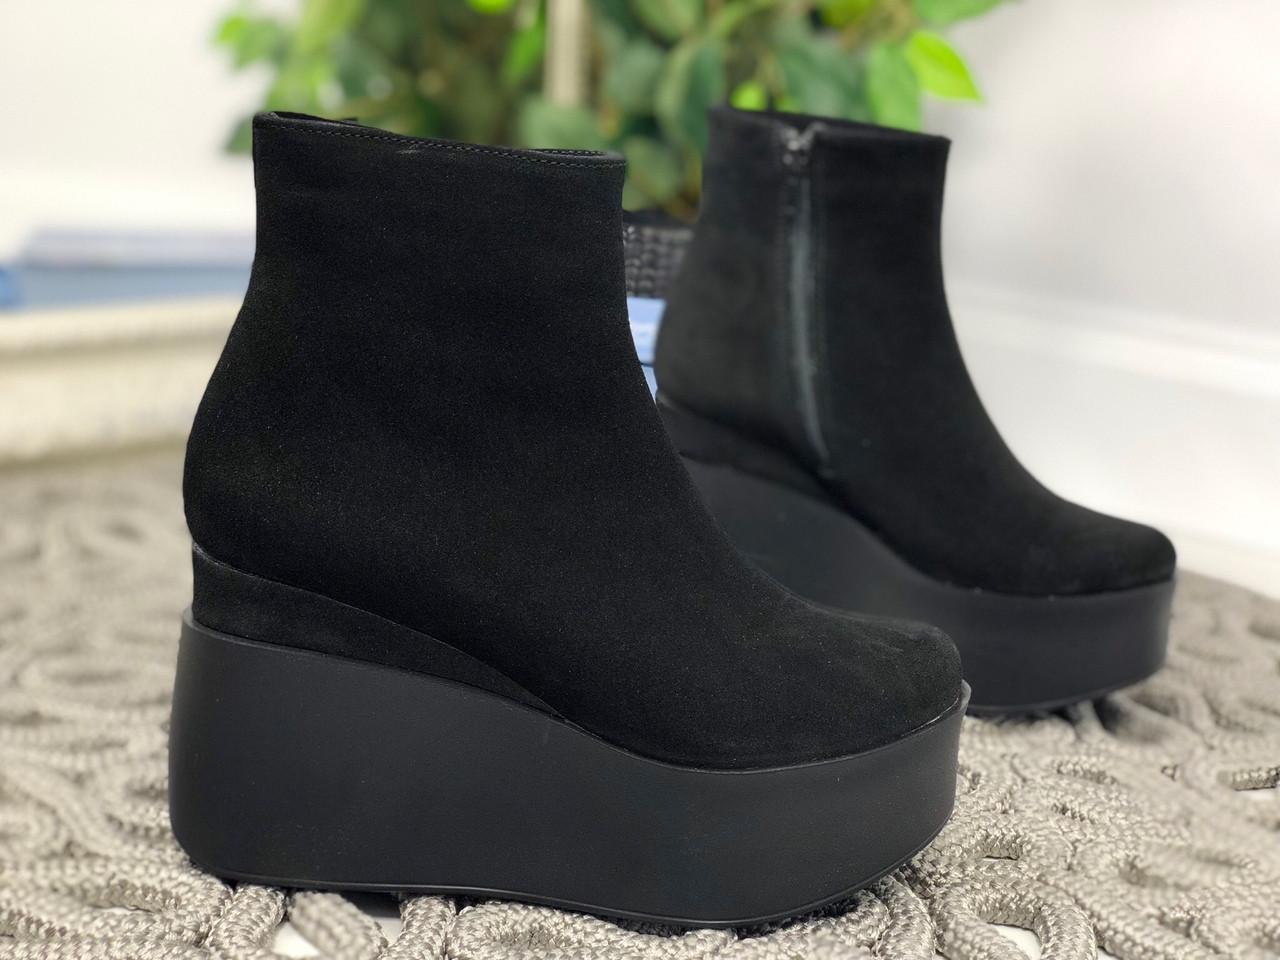 37 р. Ботинки женские деми черные замшевые, демисезонные, из натуральной замши,натуральная замша